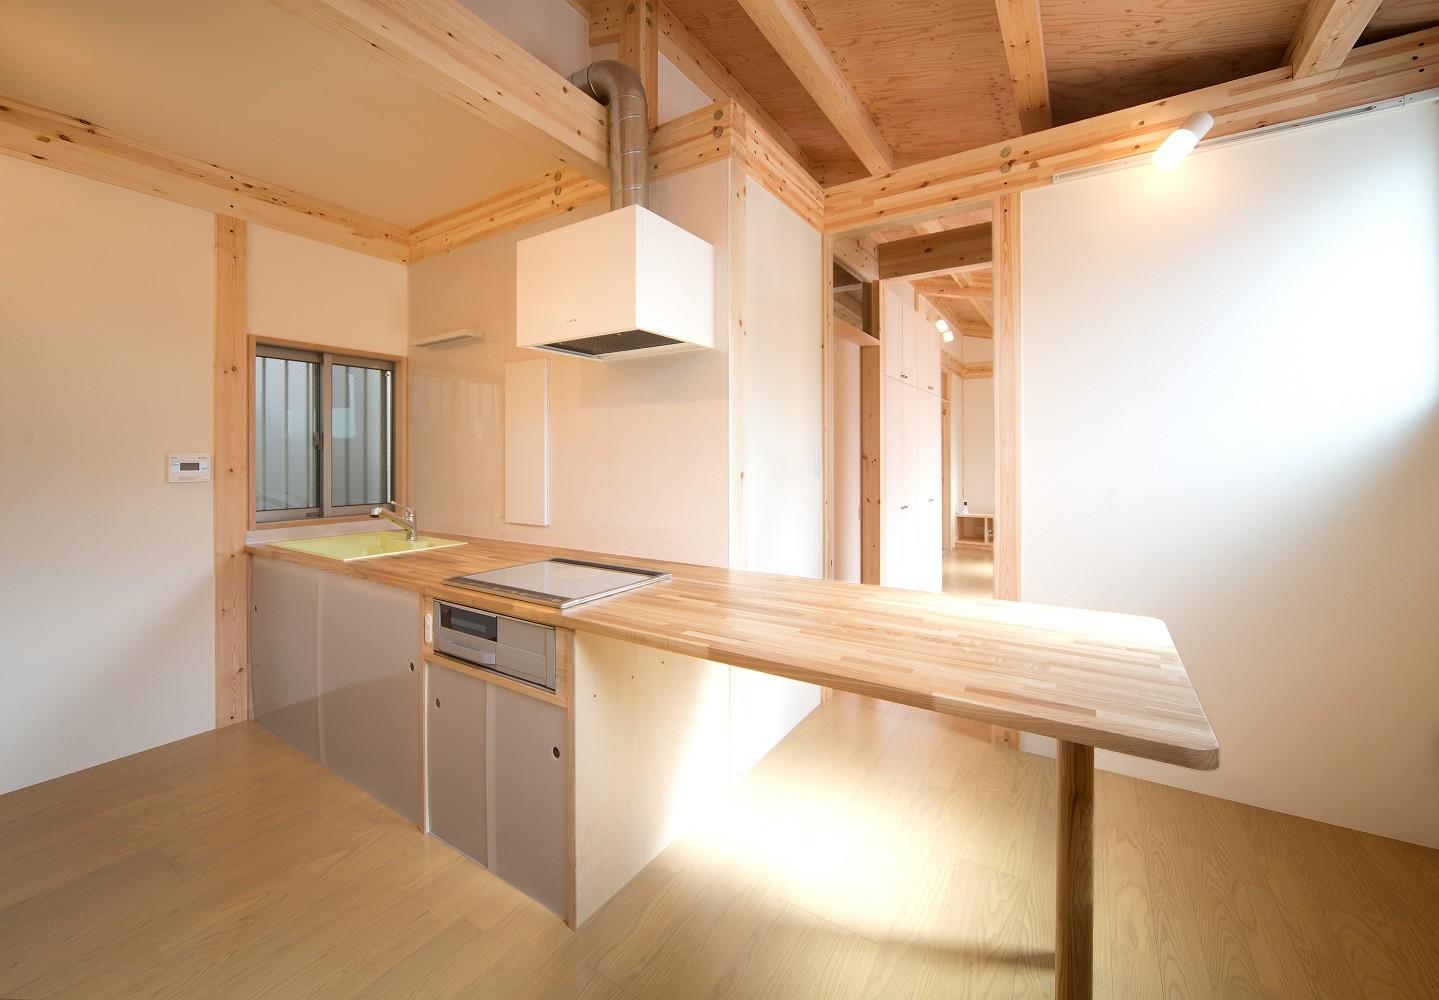 キッチン事例:ダイニングキッチン(木造平屋建てバリアフリー住宅)